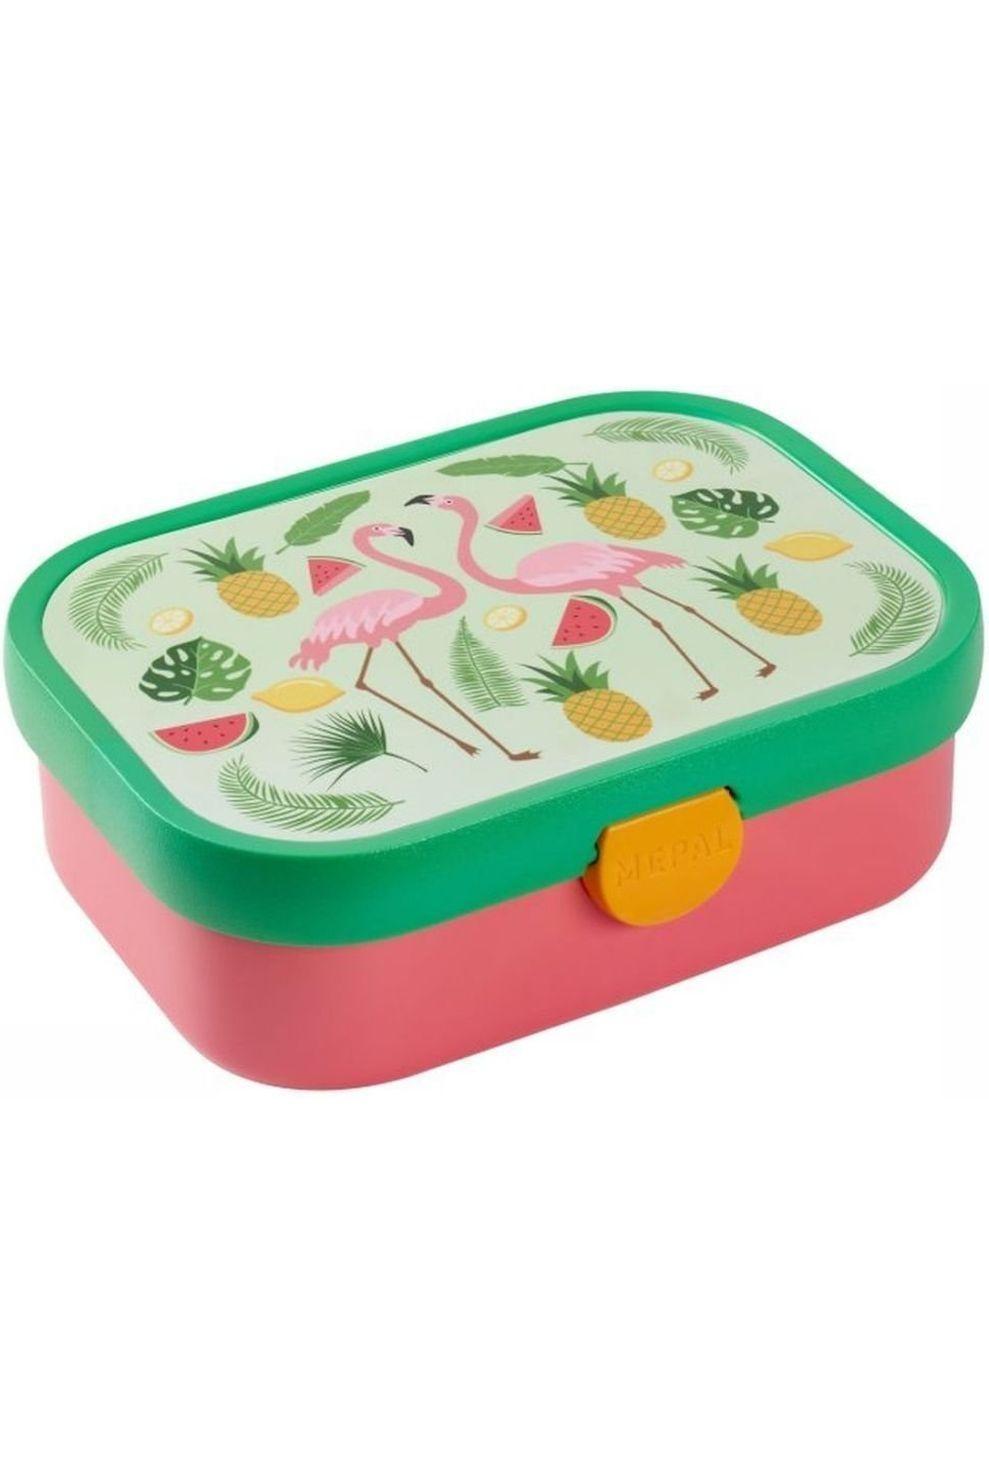 Mepal Voorraadpot Lunchbox Campus voor kids - Groen/Roze